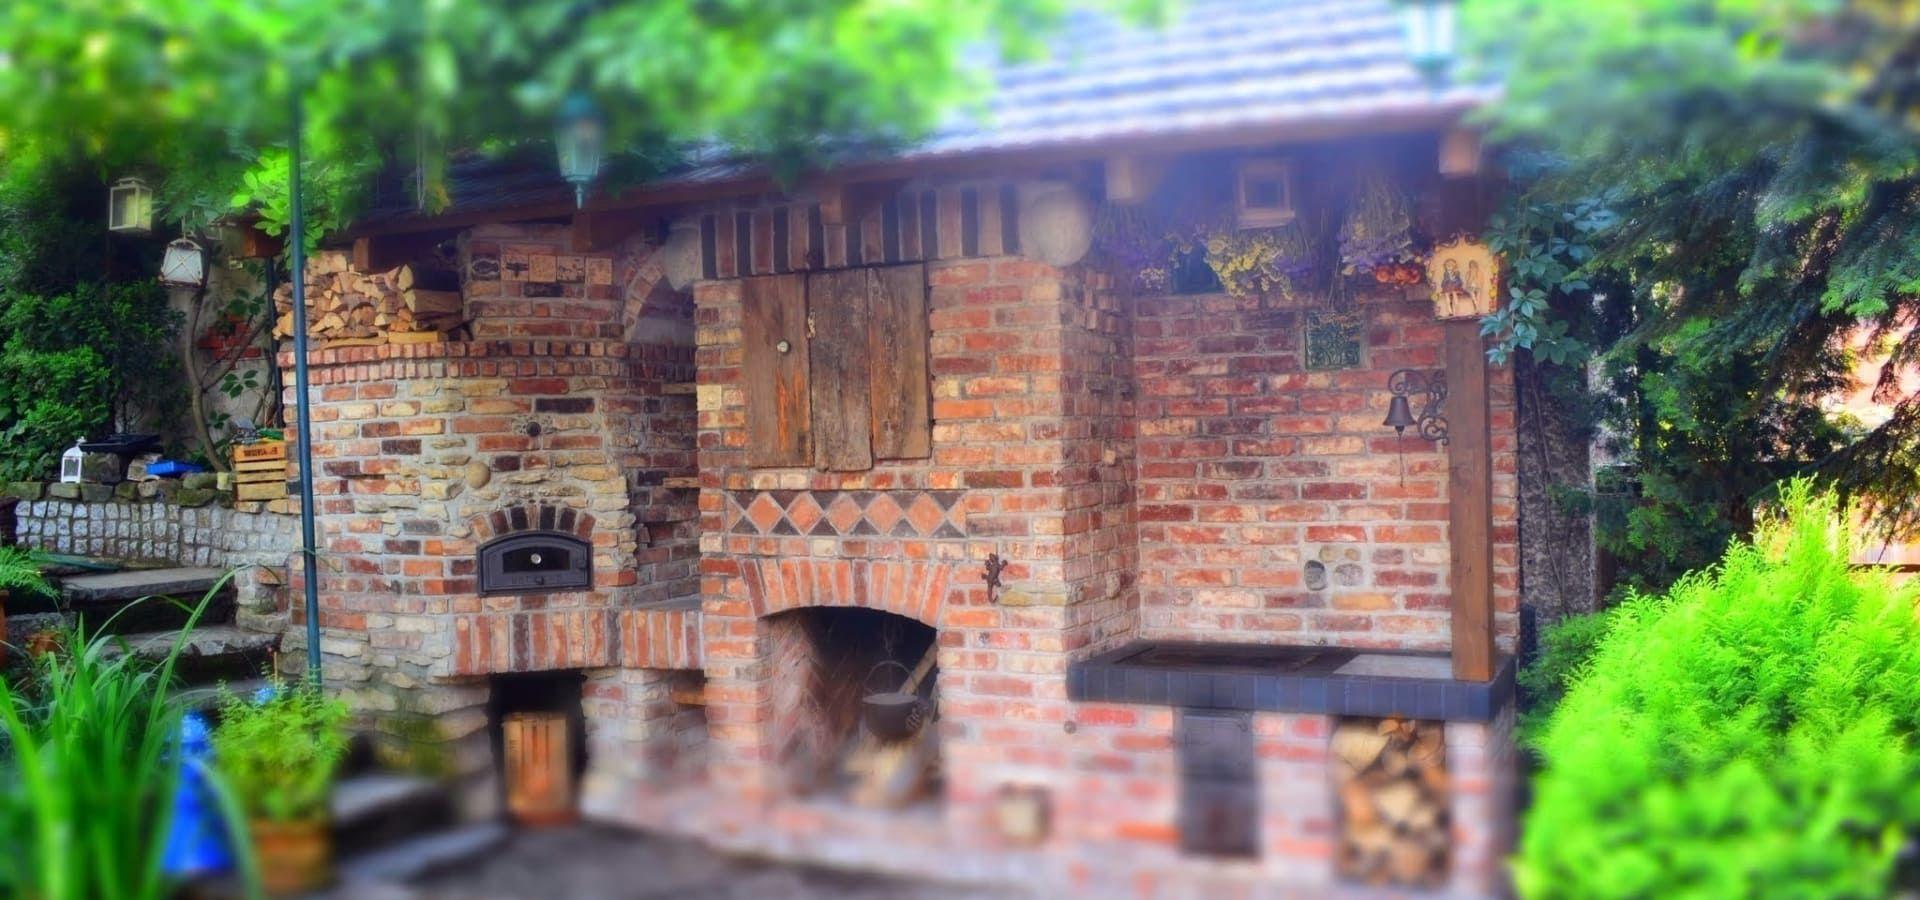 Znalezione obrazy dla zapytania letnia kuchnia w ogrodzie